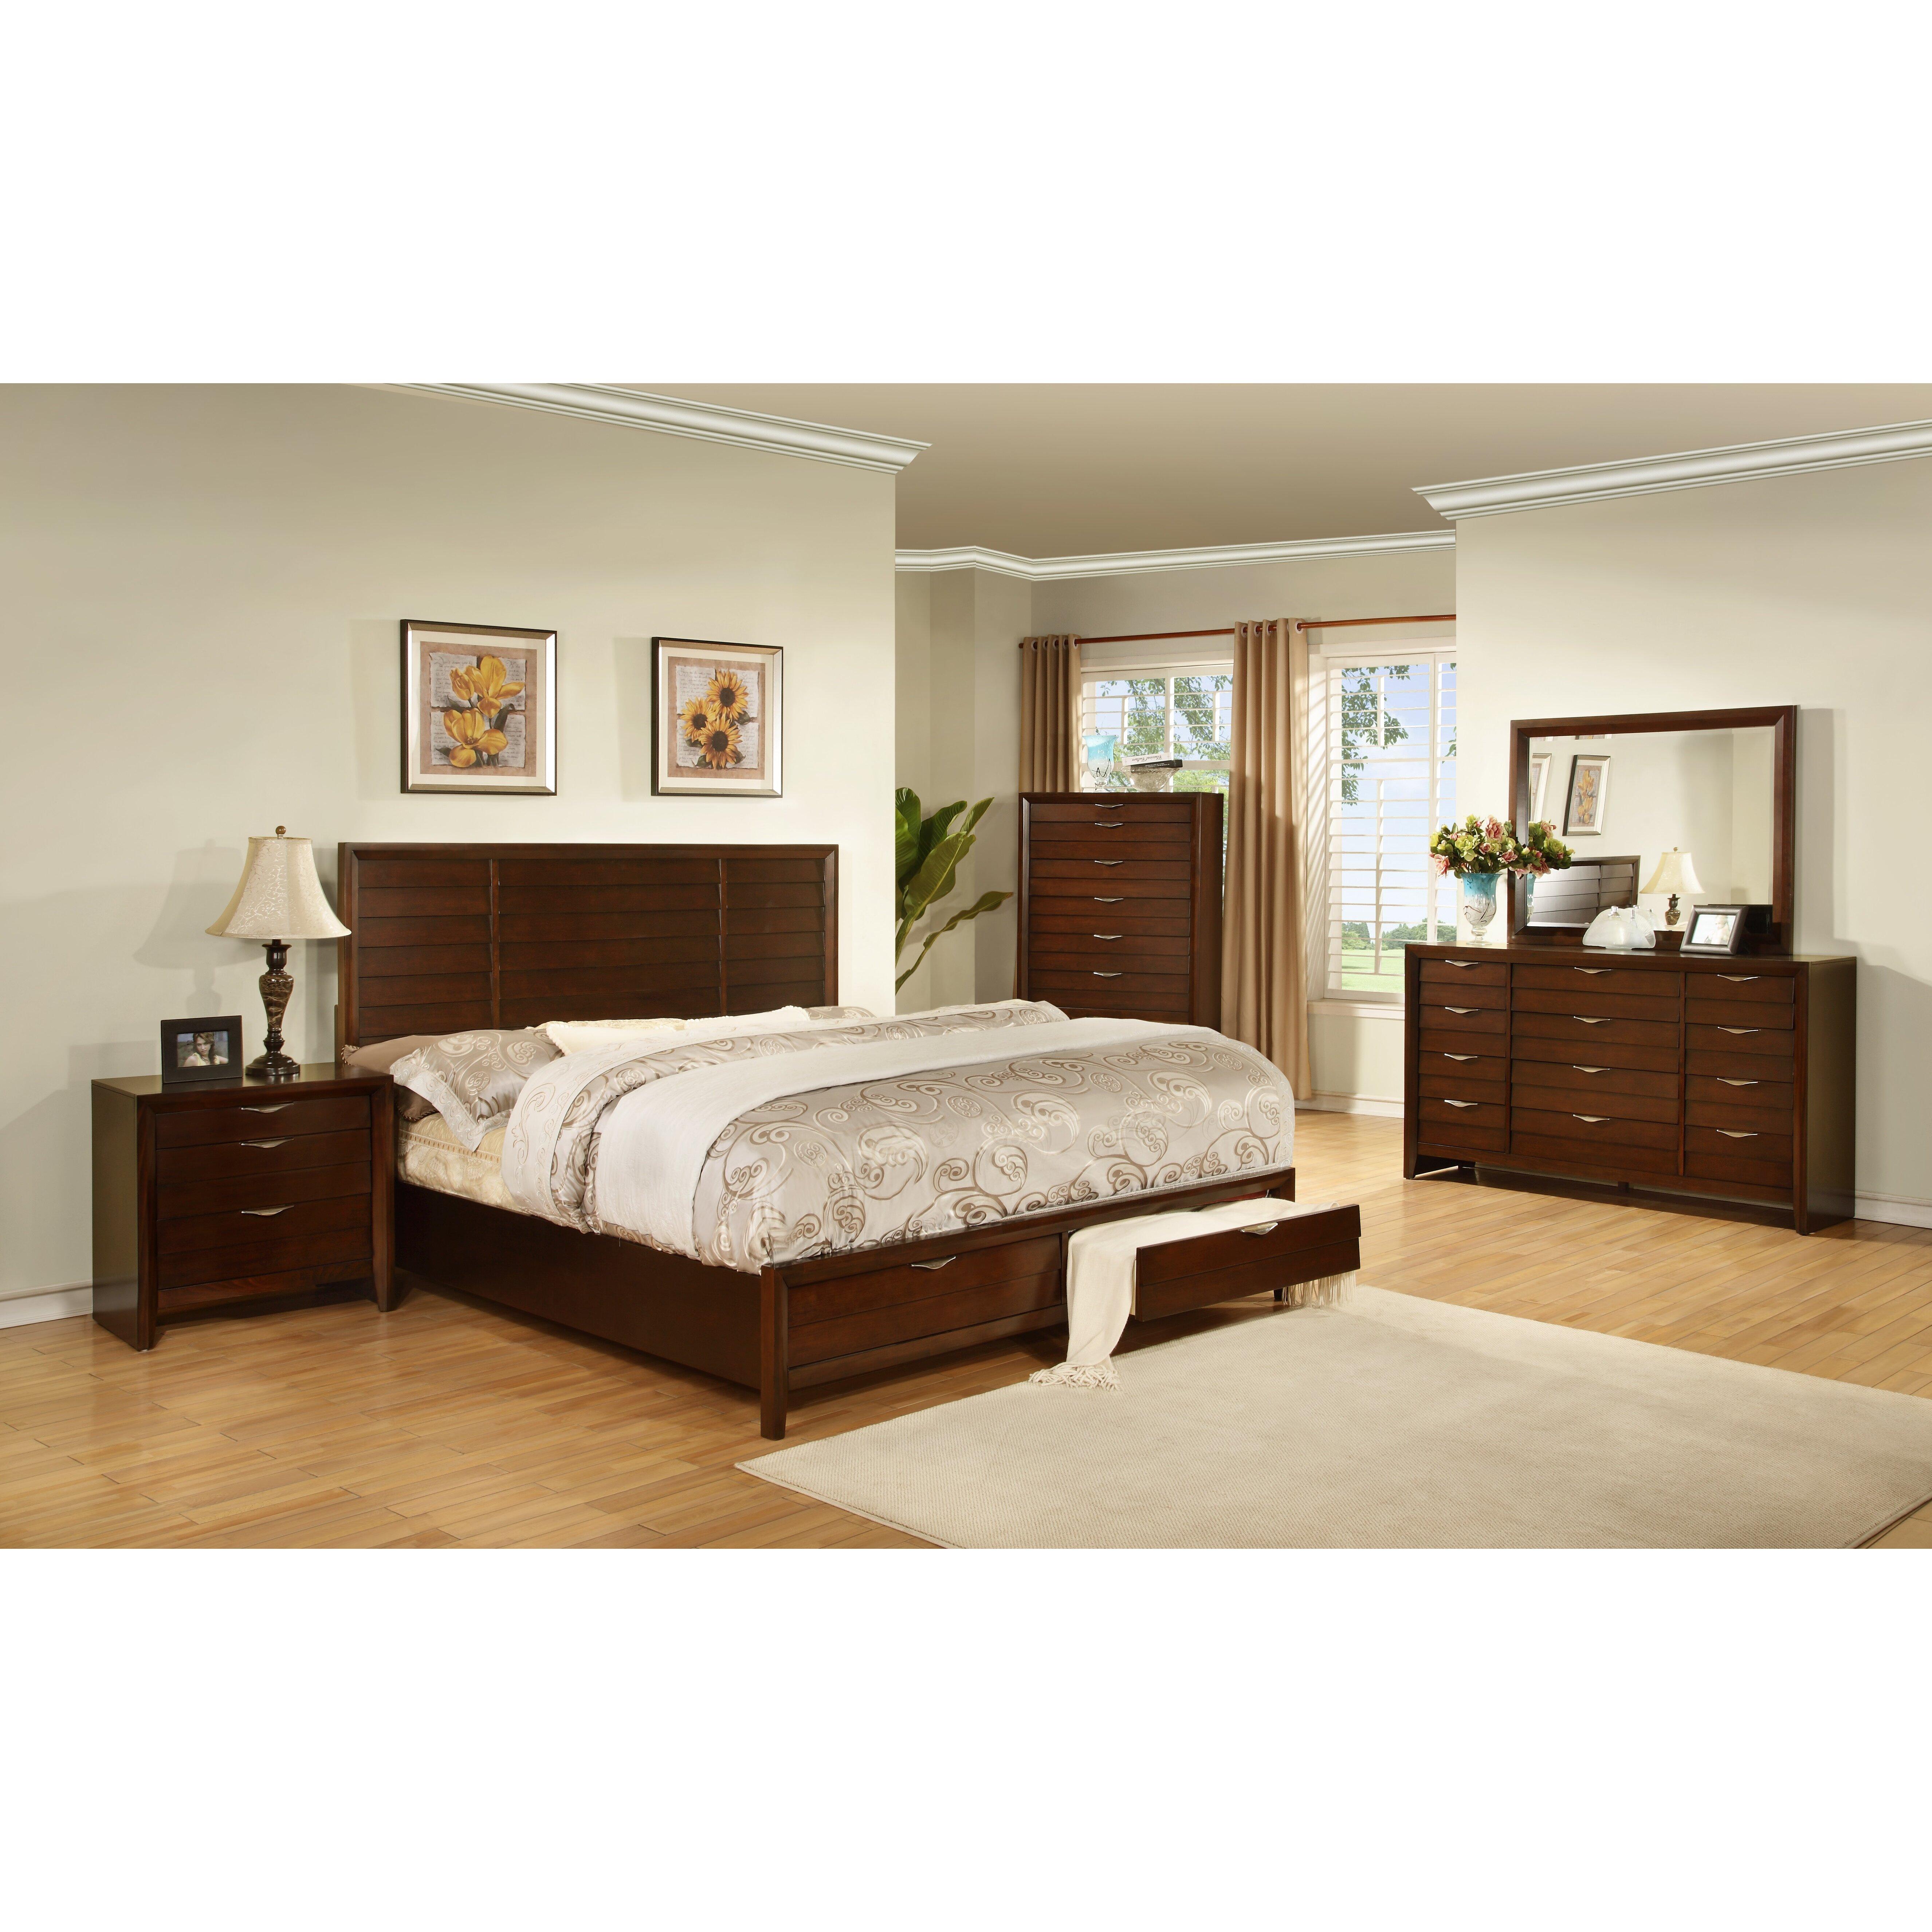 Lancaster Bedroom Furniture